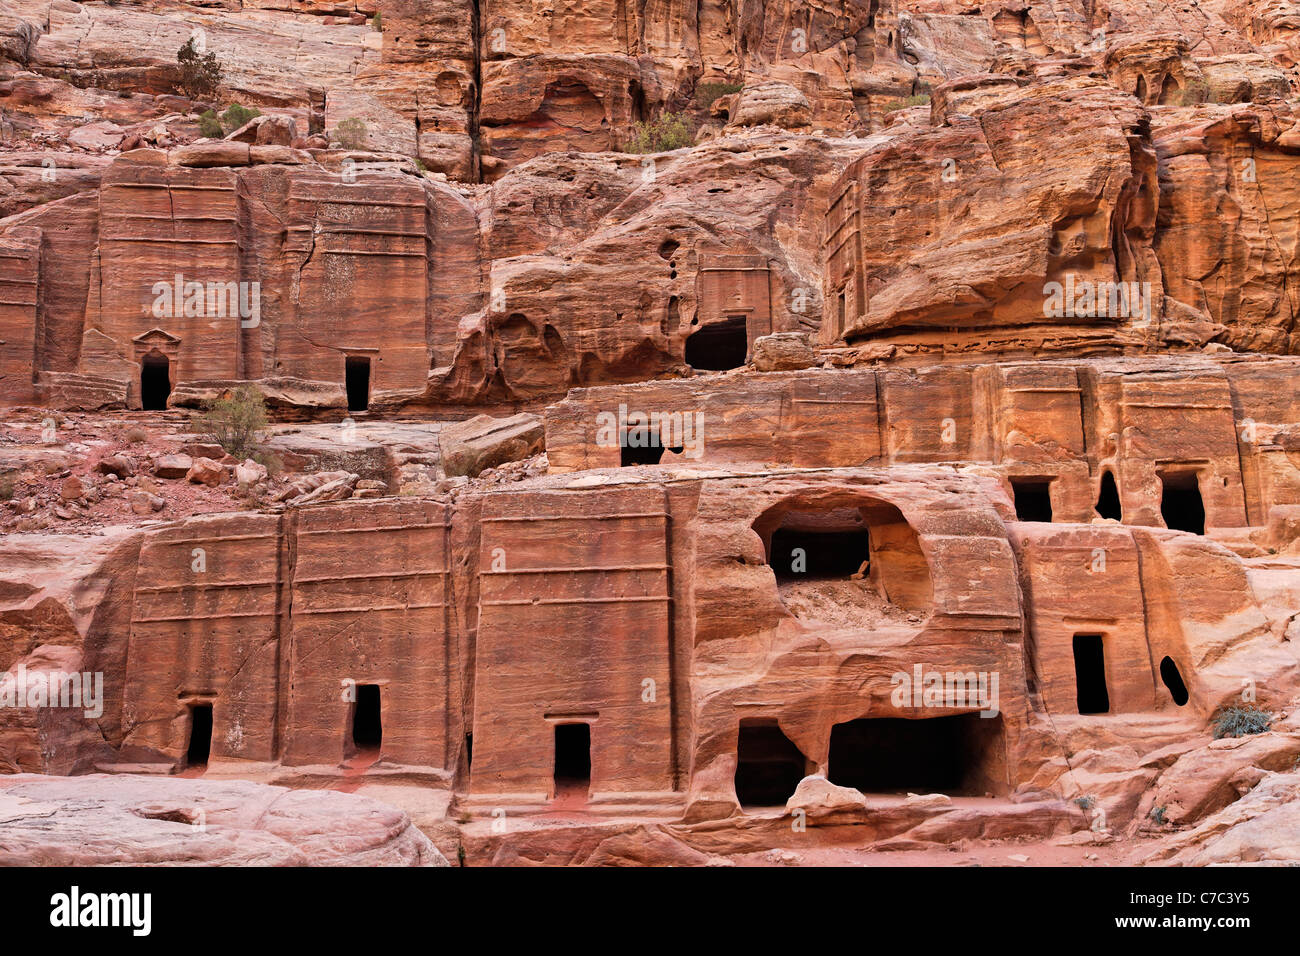 Rock cut tombs on the Street of Facades, Petra, Jordan - Stock Image